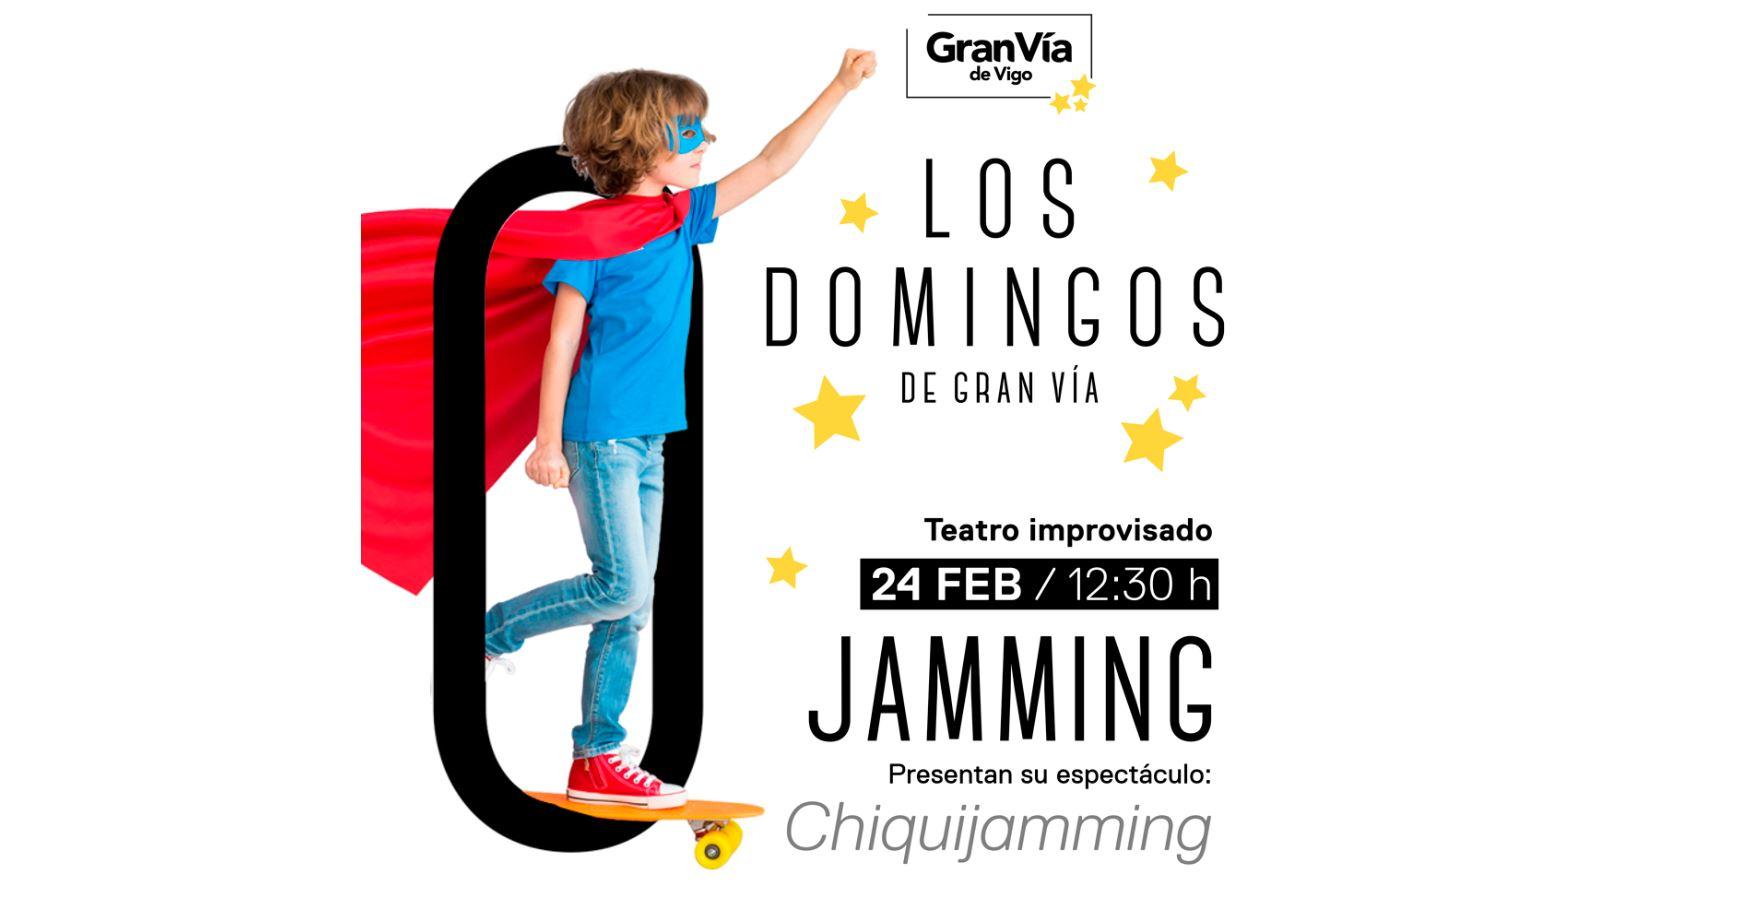 """La nueva edición de """"LOS DOMINGOS DE GRAN VÍA"""" vuelve para sorprender"""